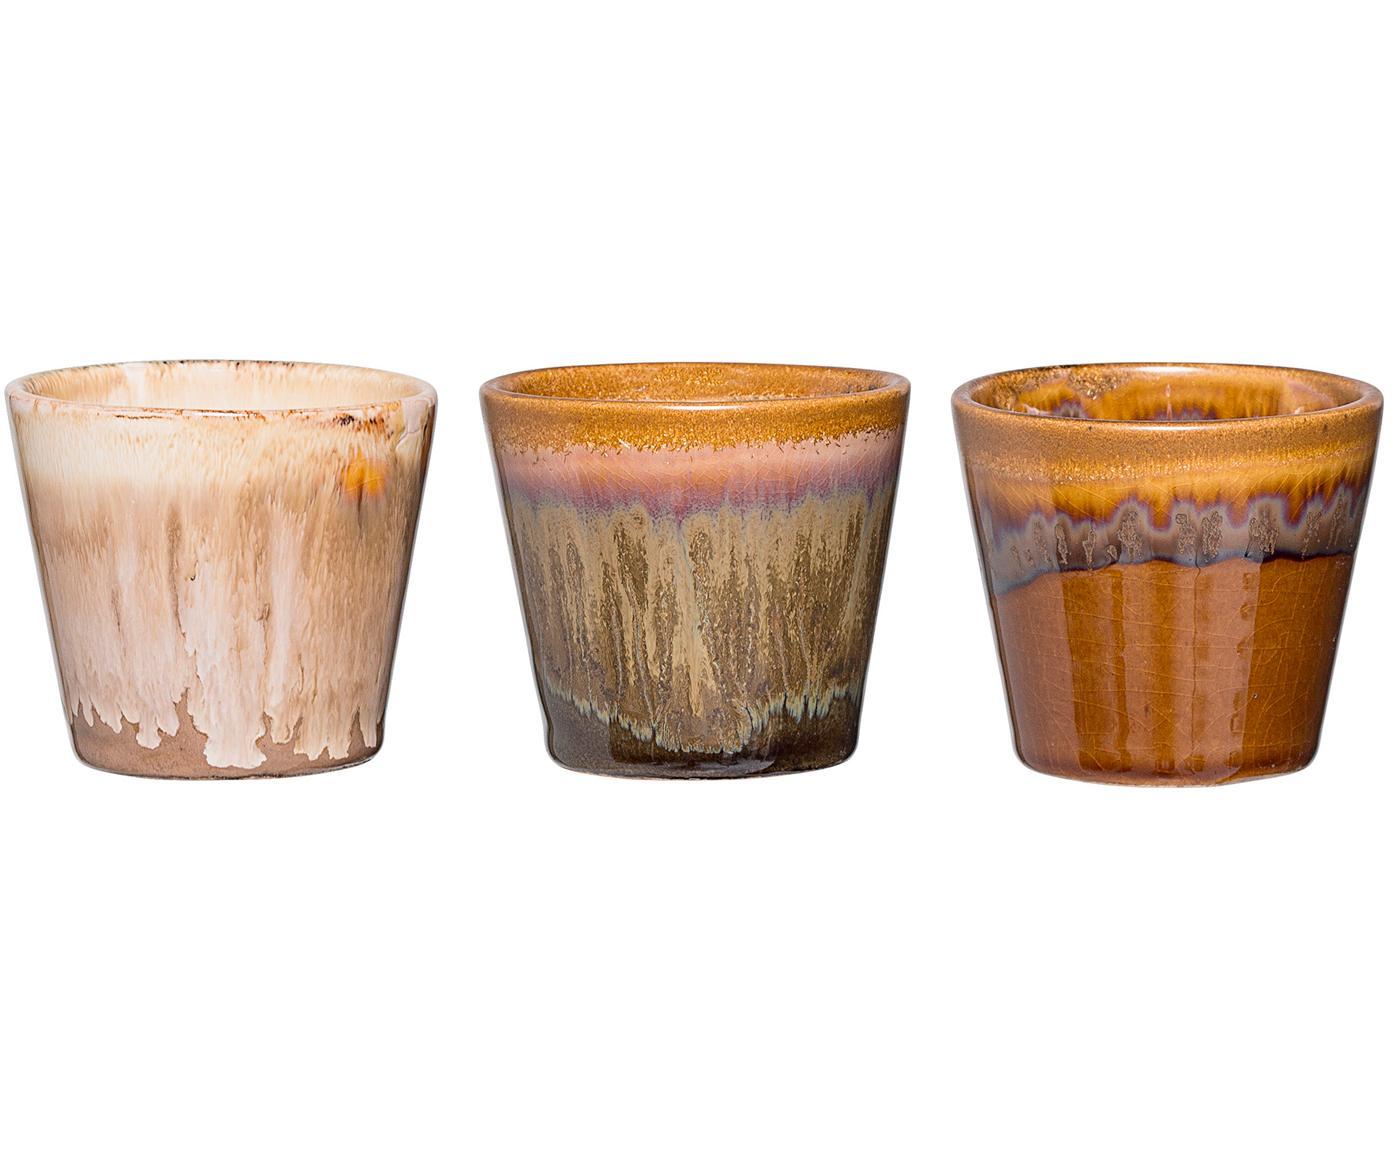 Handgefertigtes Teelichthalter-Set Kuna, 3-tlg., Steingut, Mehrfarbig, Ø 8 x H 7 cm